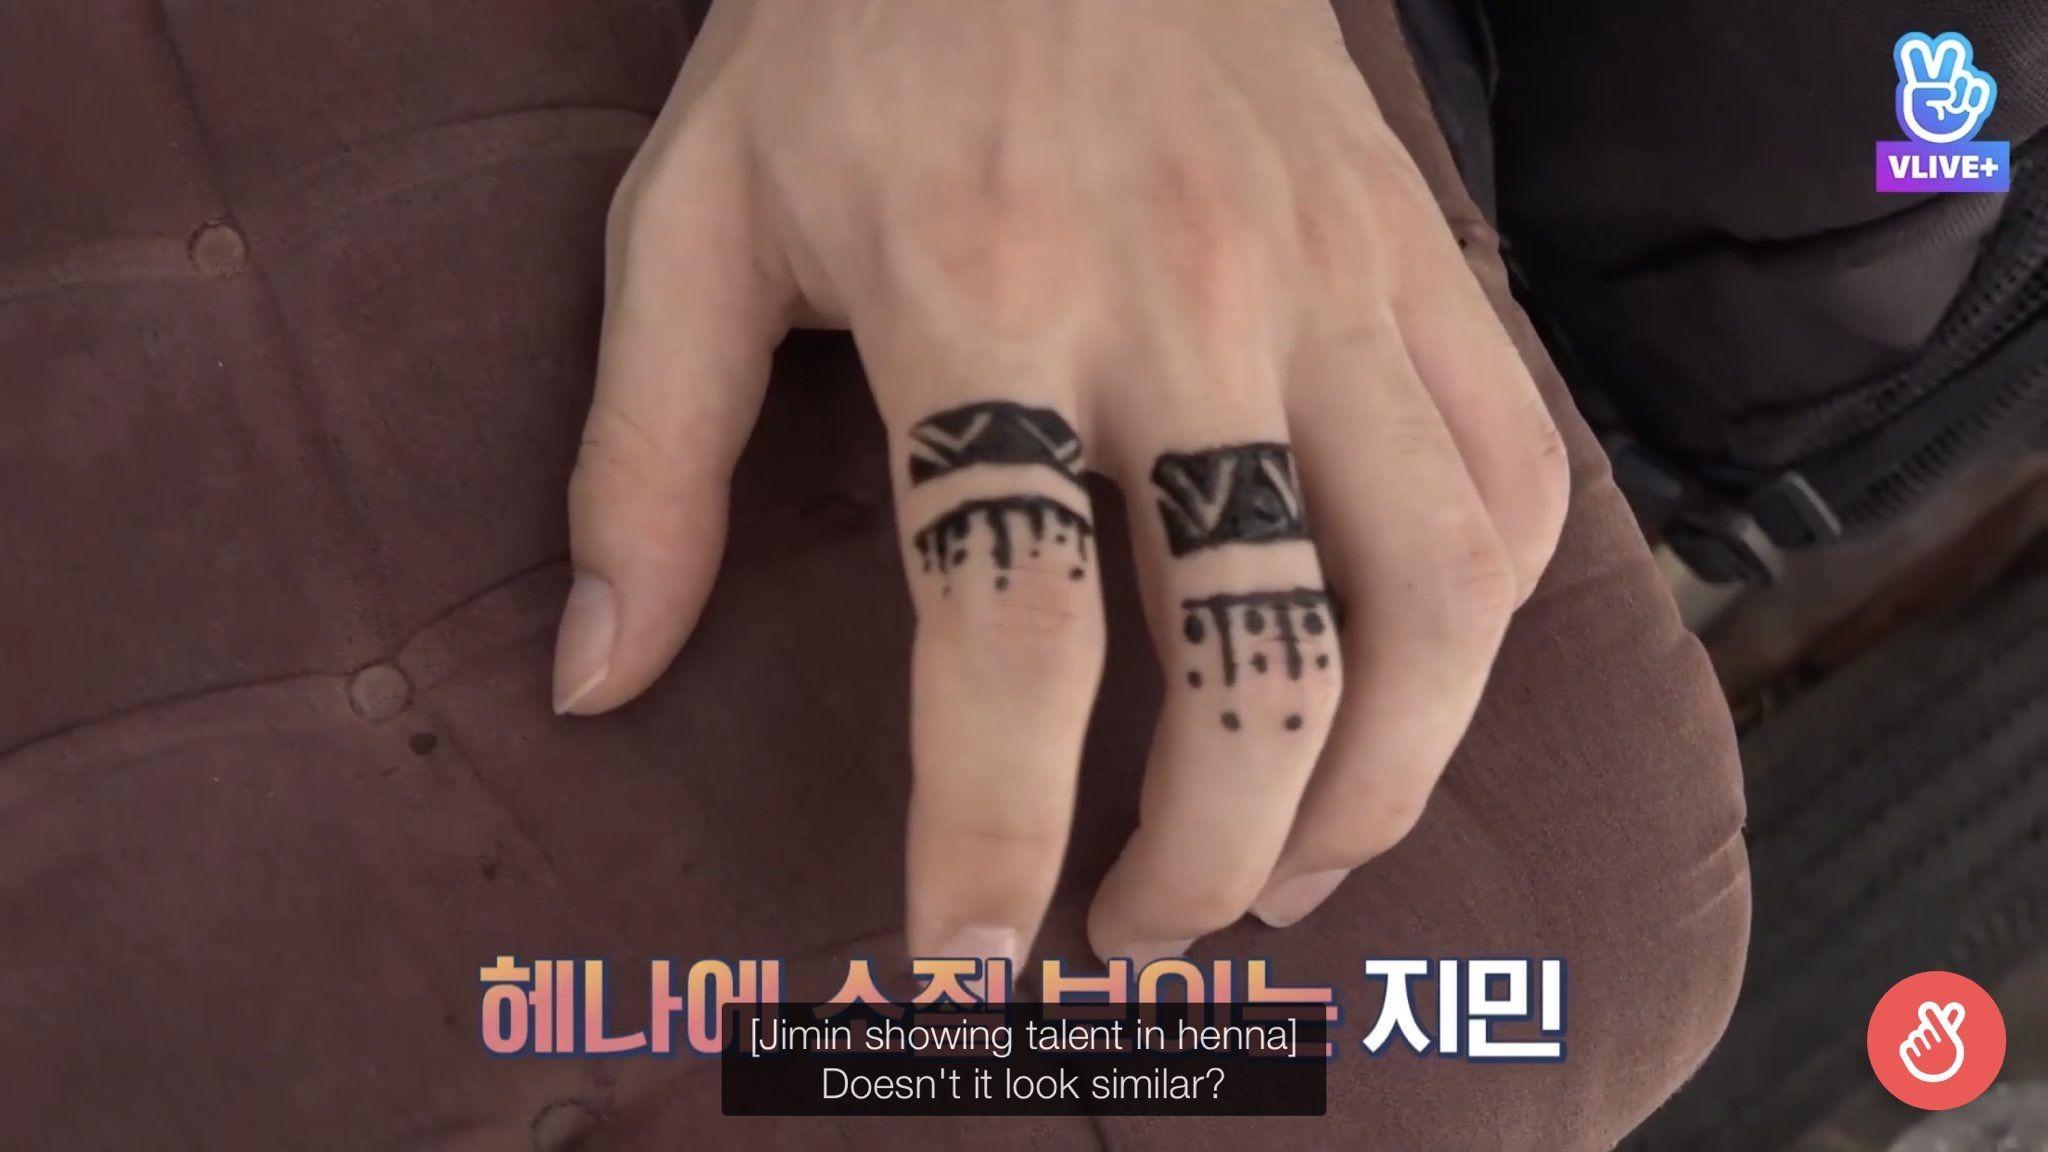 Jimin henna tattoo 🤗 Hena tattoo, Hand tattoos, Tattoos